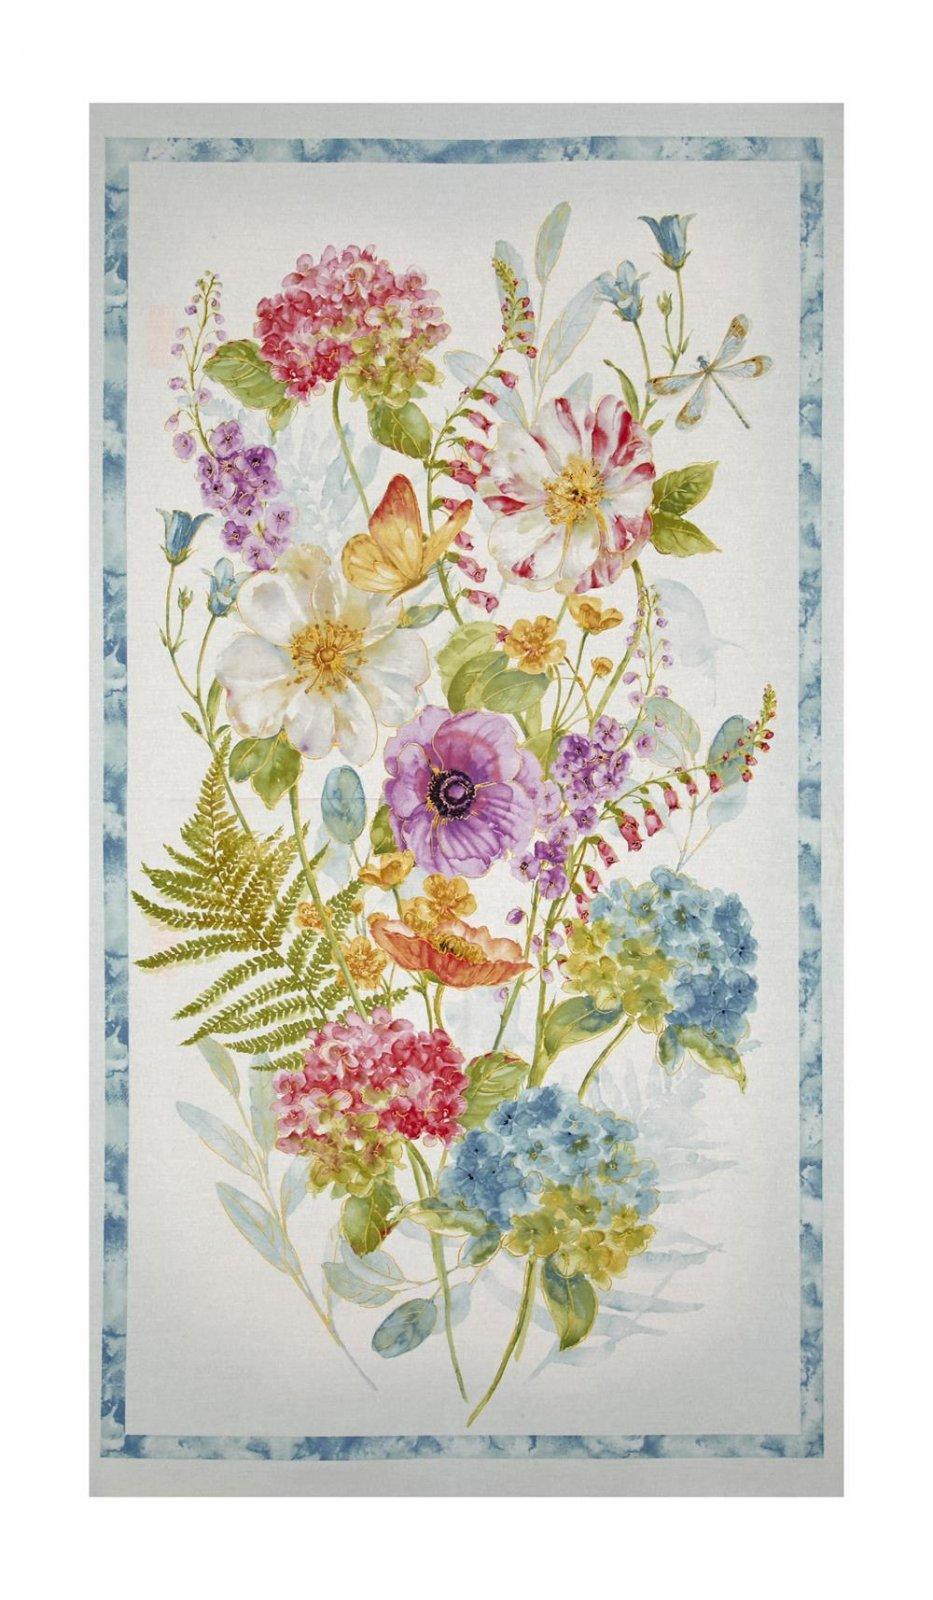 Floral Quilt Panel